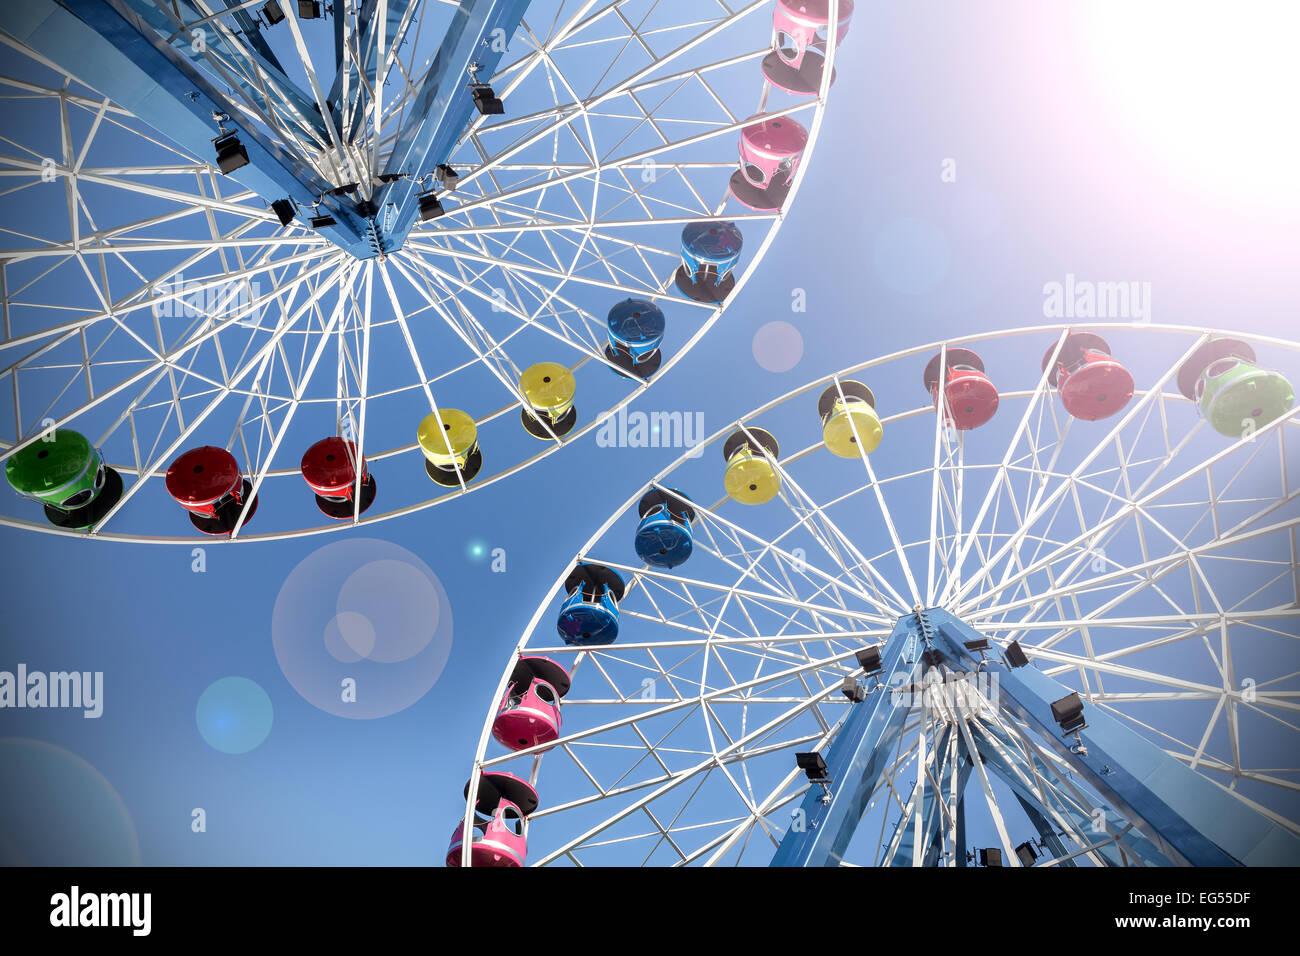 Retro photo filtrée de grandes roues avec des reflets. Photo Stock